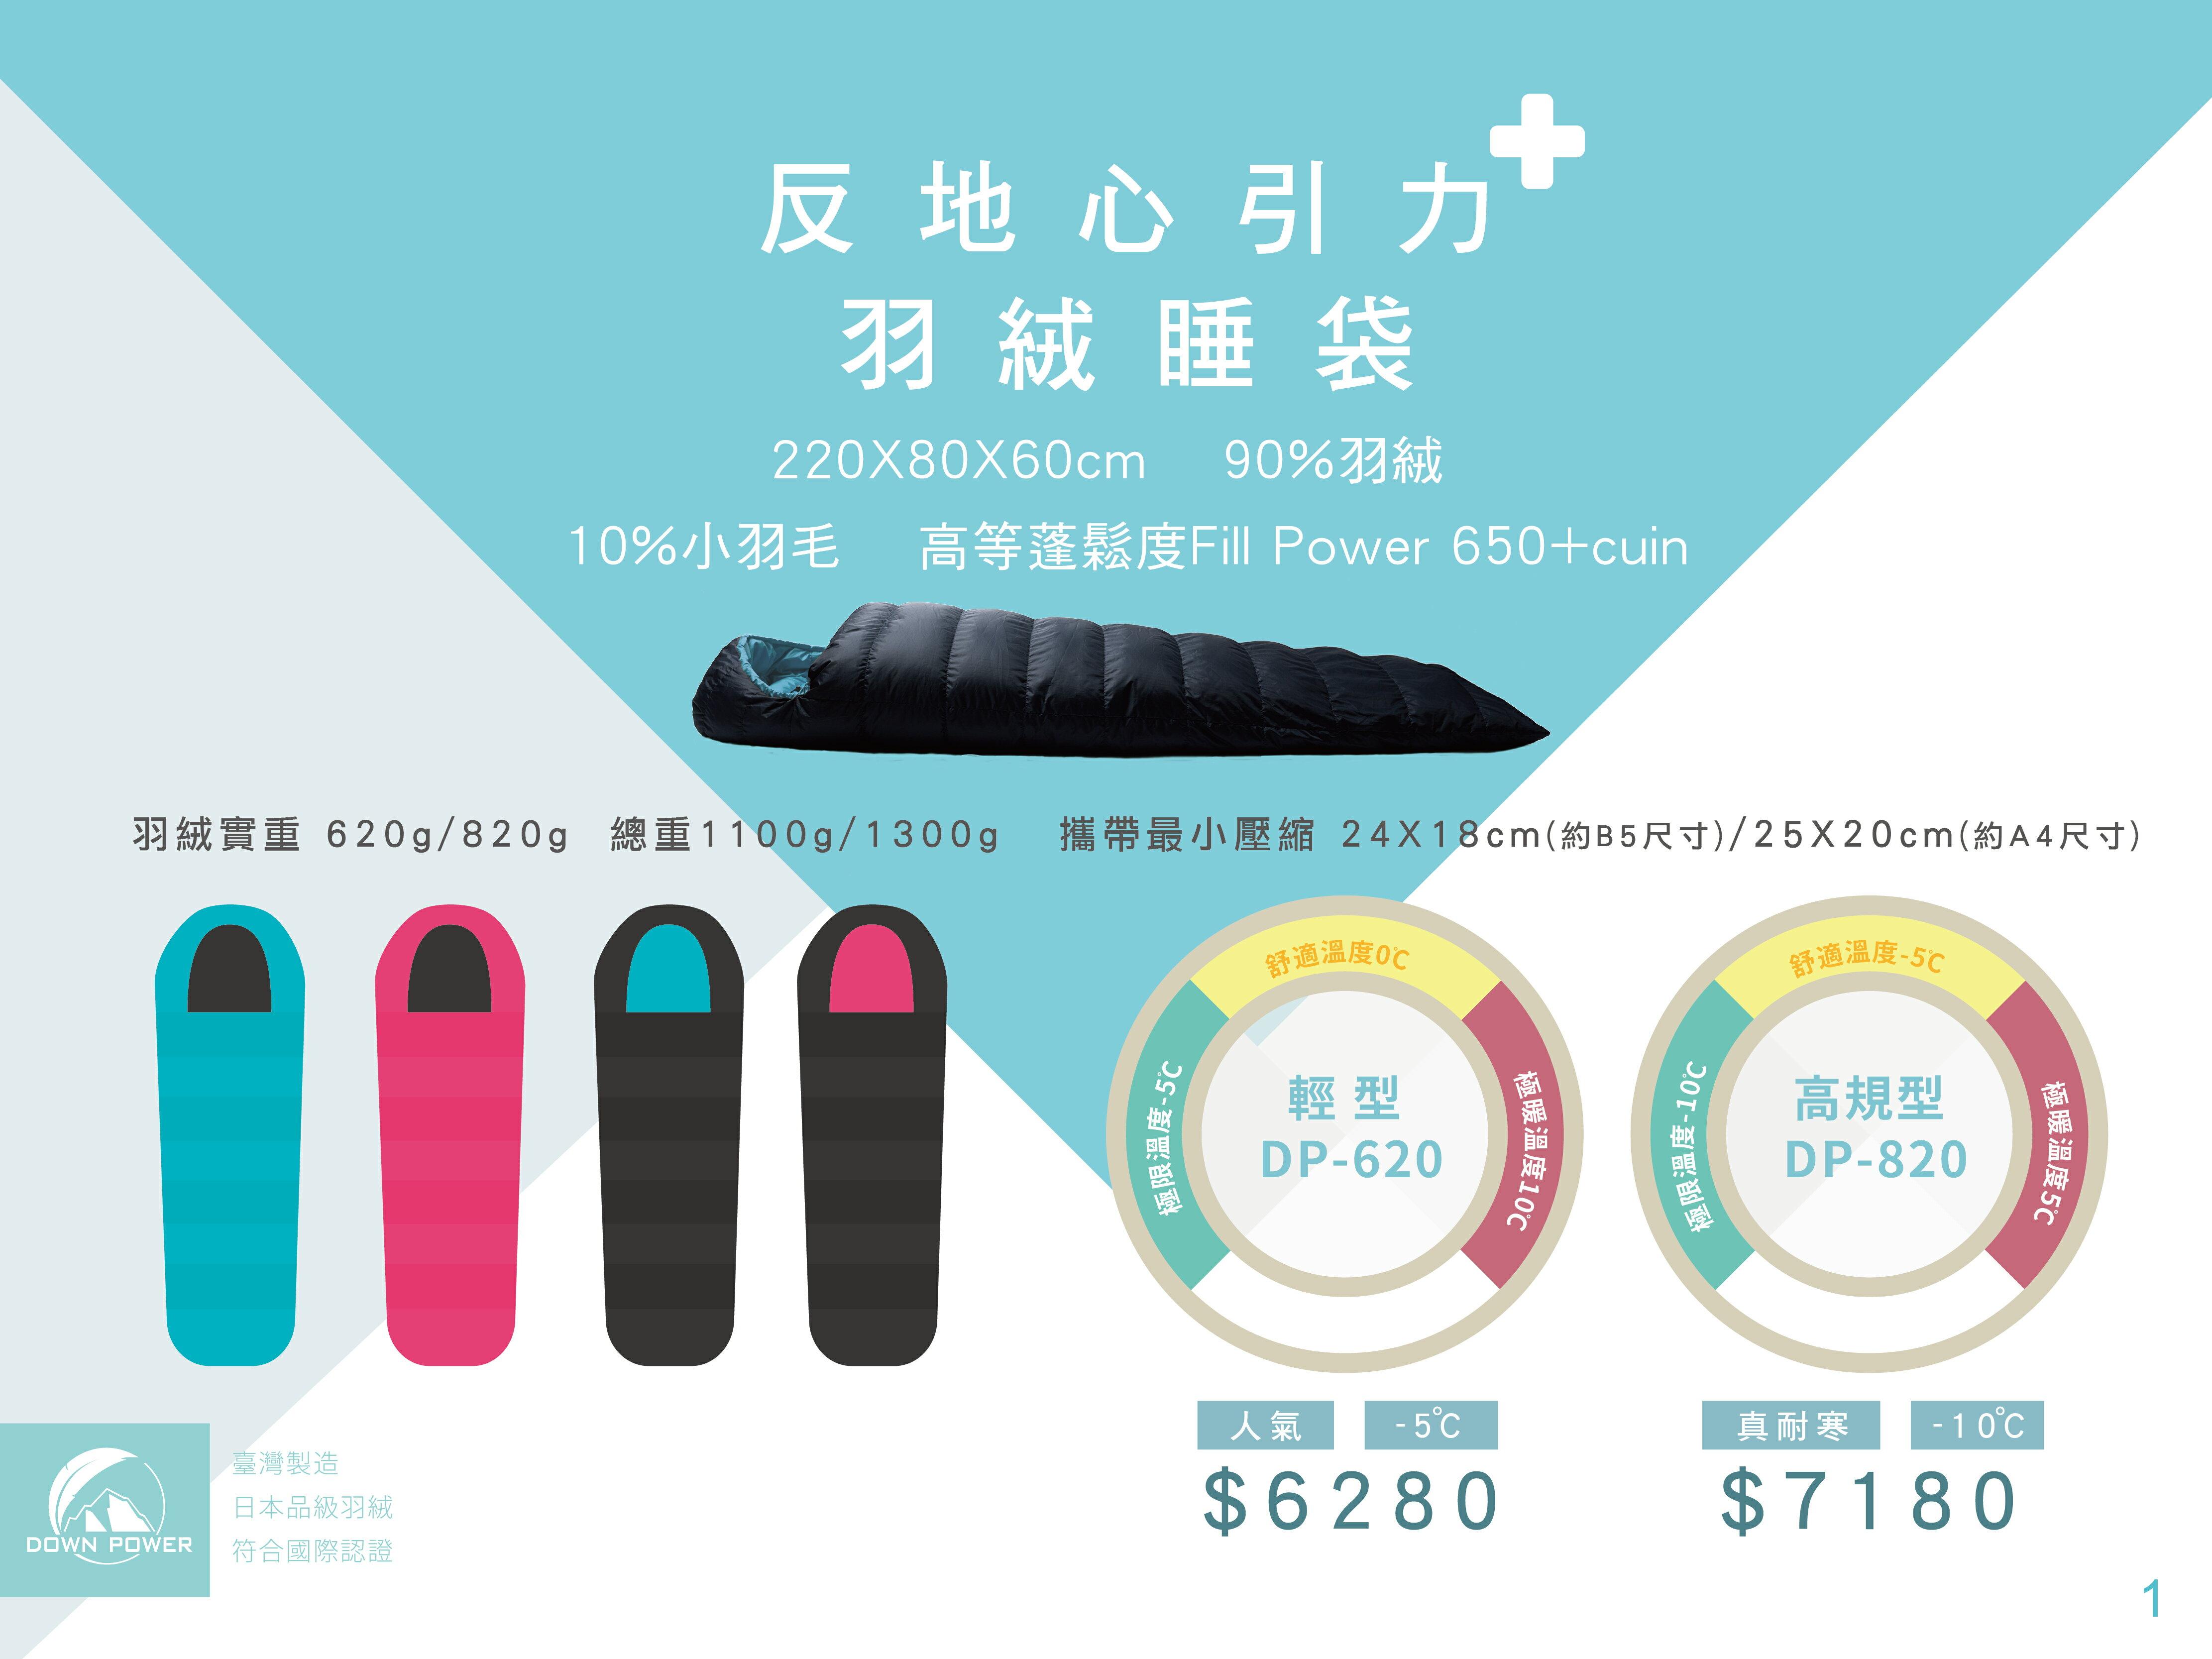 【野道家】DOWN POWER 溫感羽絨 反地心引力羽絨睡袋 DP-620(輕型)/DP-820(高規格)